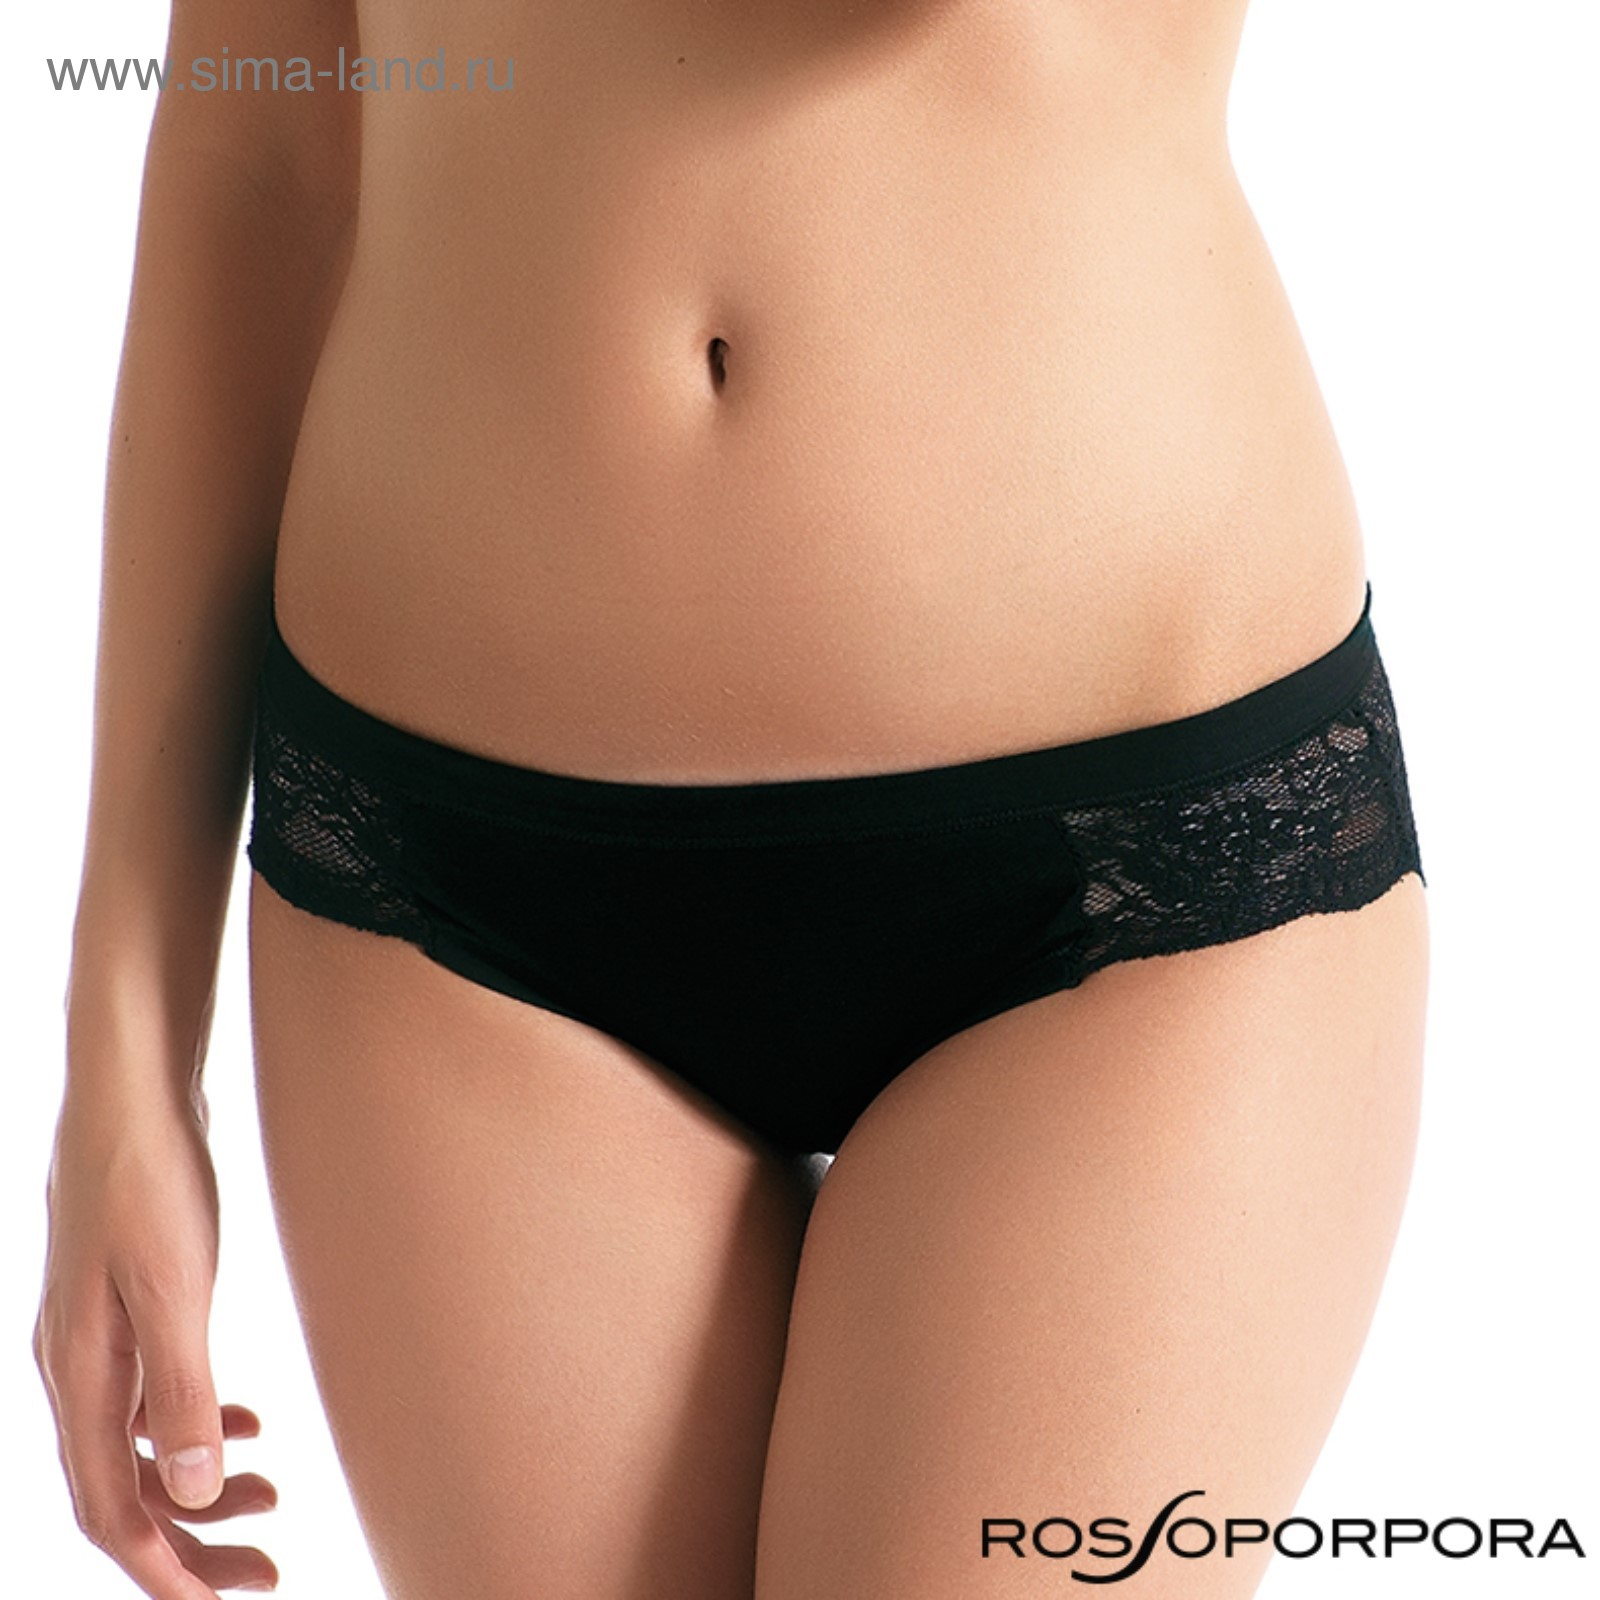 1ccfea39b707e Трусы женские, размер 2 (XS), цвет чёрный DR201 (3327092) - Купить ...